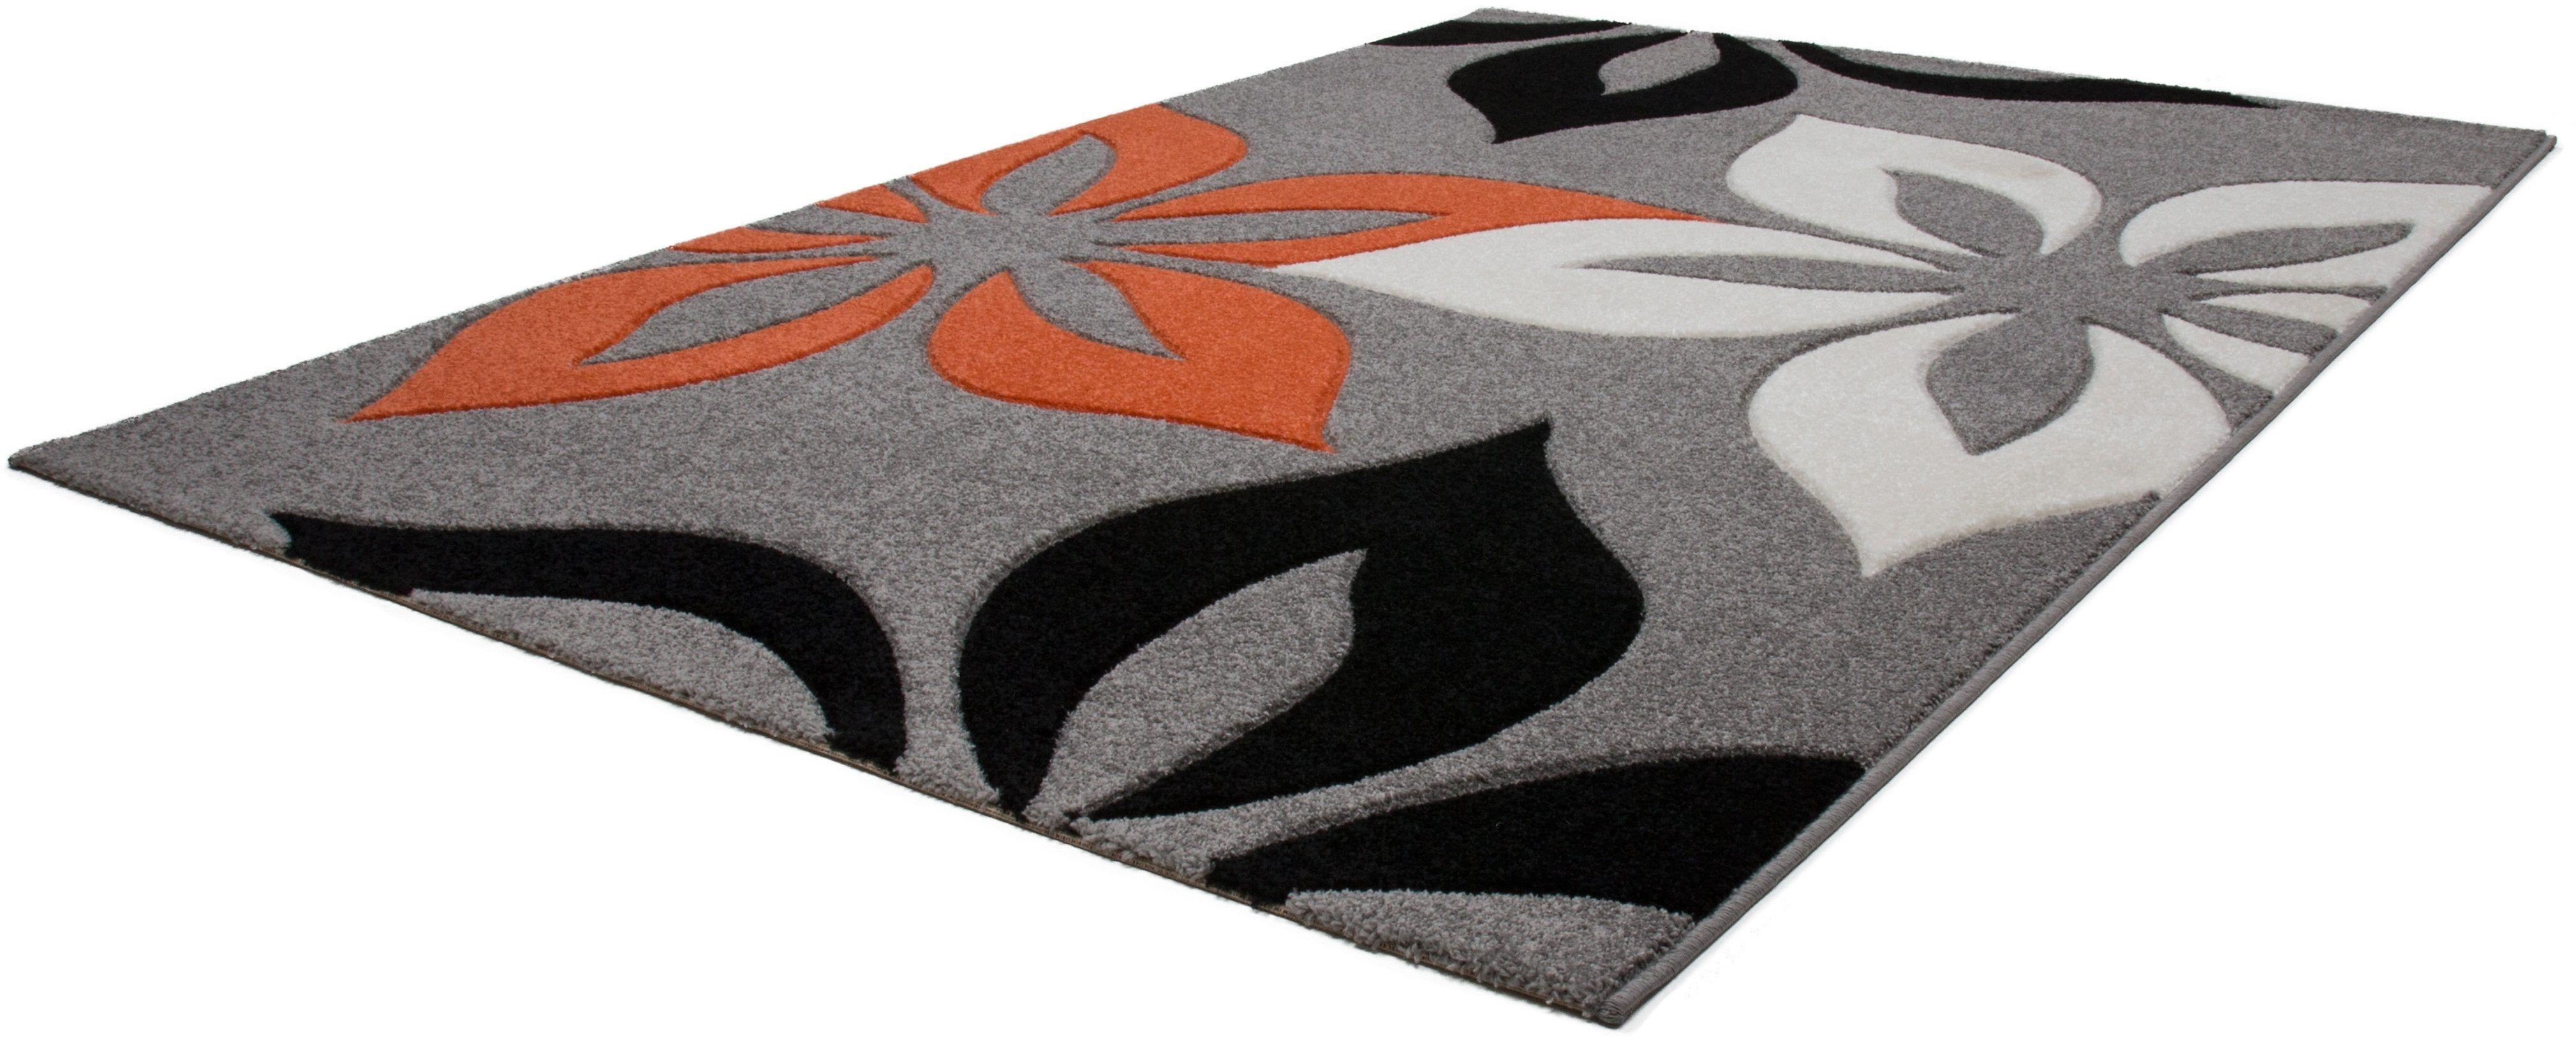 LaLee Läufer »Havanna 420« orange, B/L: 200x290cm, 15mm, fußbodenheizungsgeeignet Jetzt bestellen unter: https://moebel.ladendirekt.de/heimtextilien/teppiche/laeufer/?uid=ffd438c7-20b6-5bde-bec6-43bbab1dd5a7&utm_source=pinterest&utm_medium=pin&utm_campaign=boards #laeufer #heimtextilien #läufer #teppiche